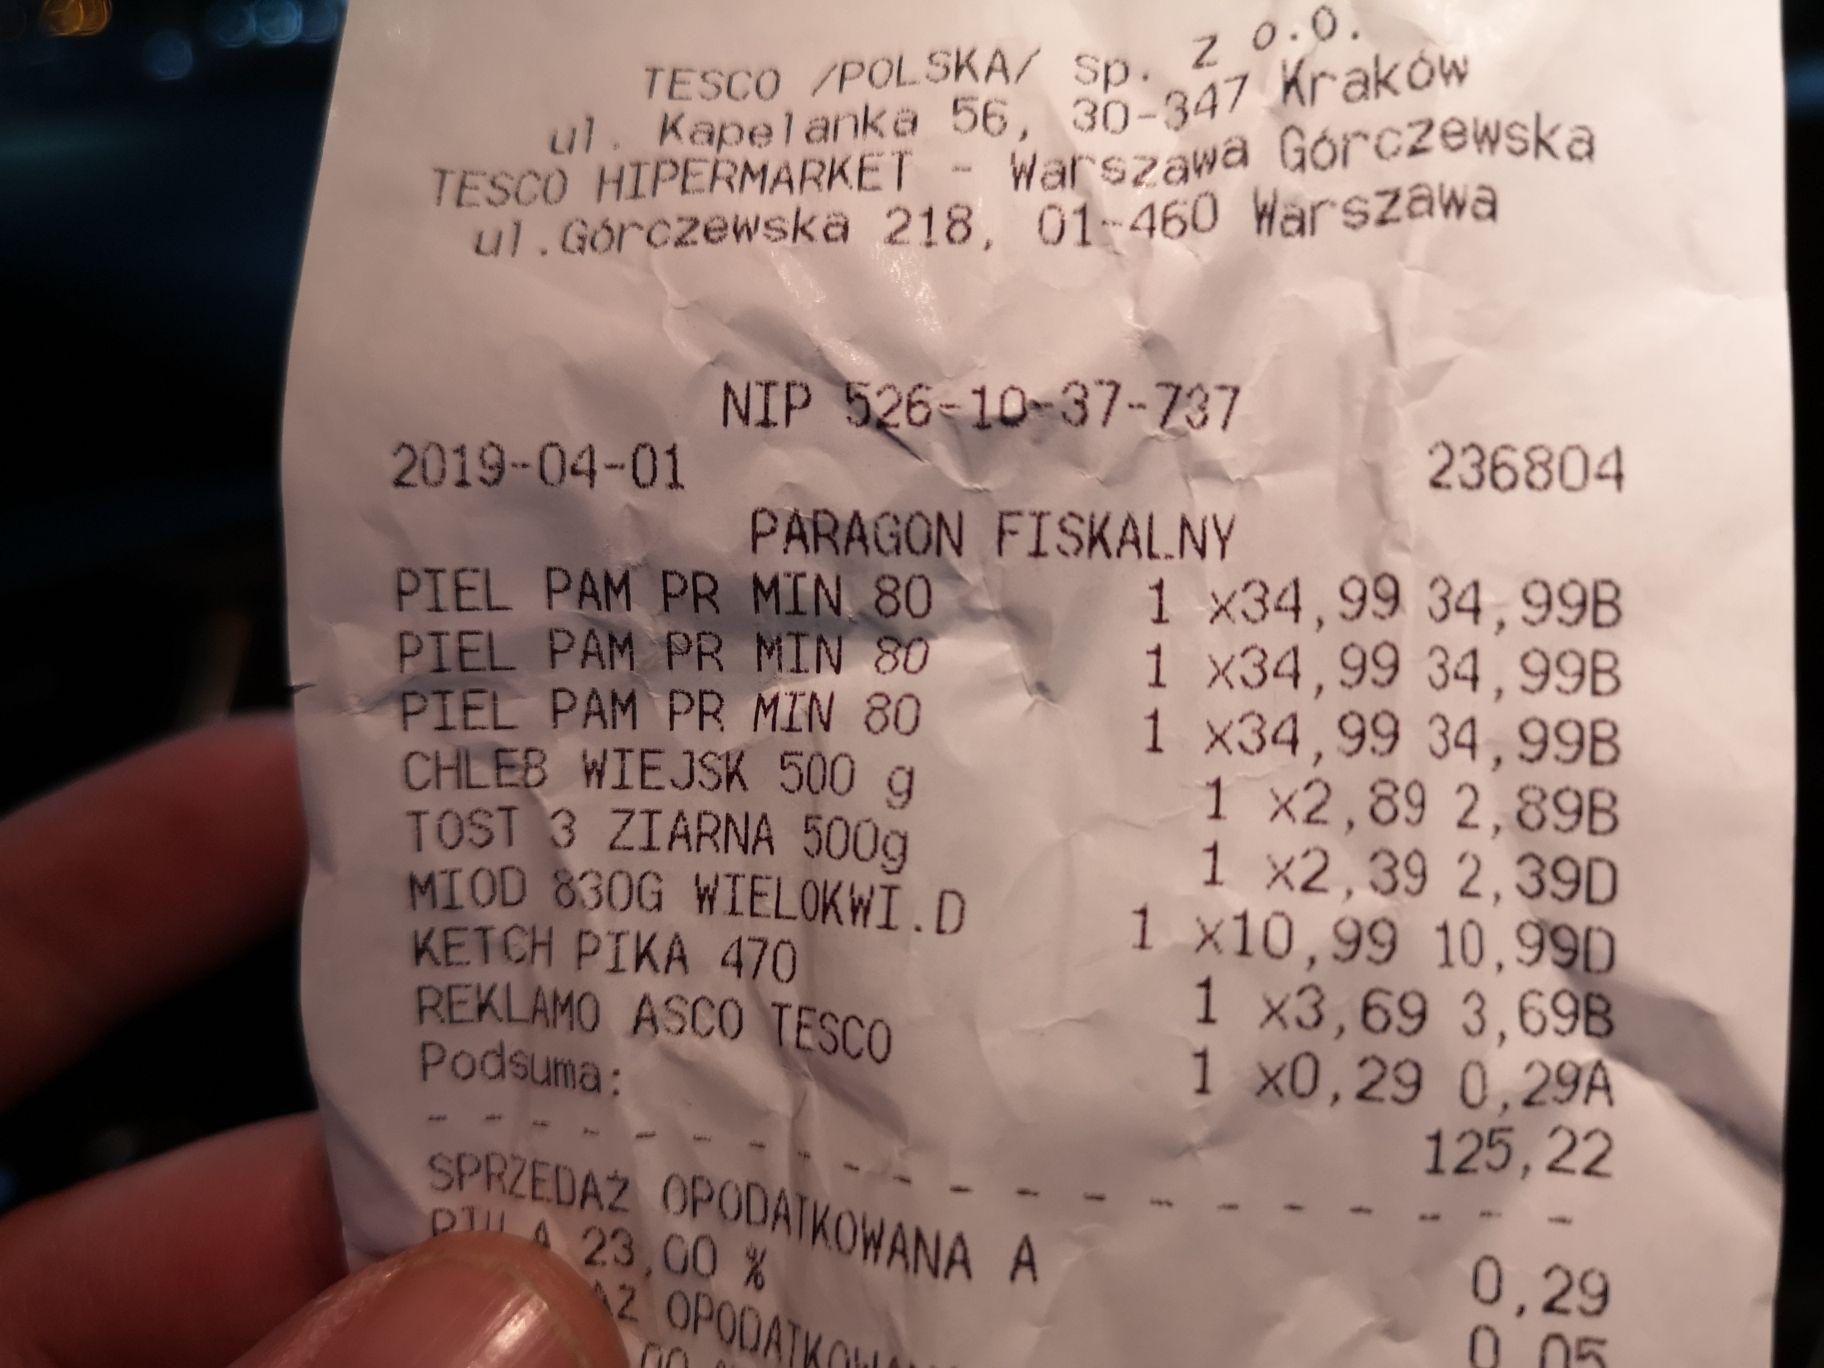 Błąd cenowy pieluchy pampers w TESCO Warszawa